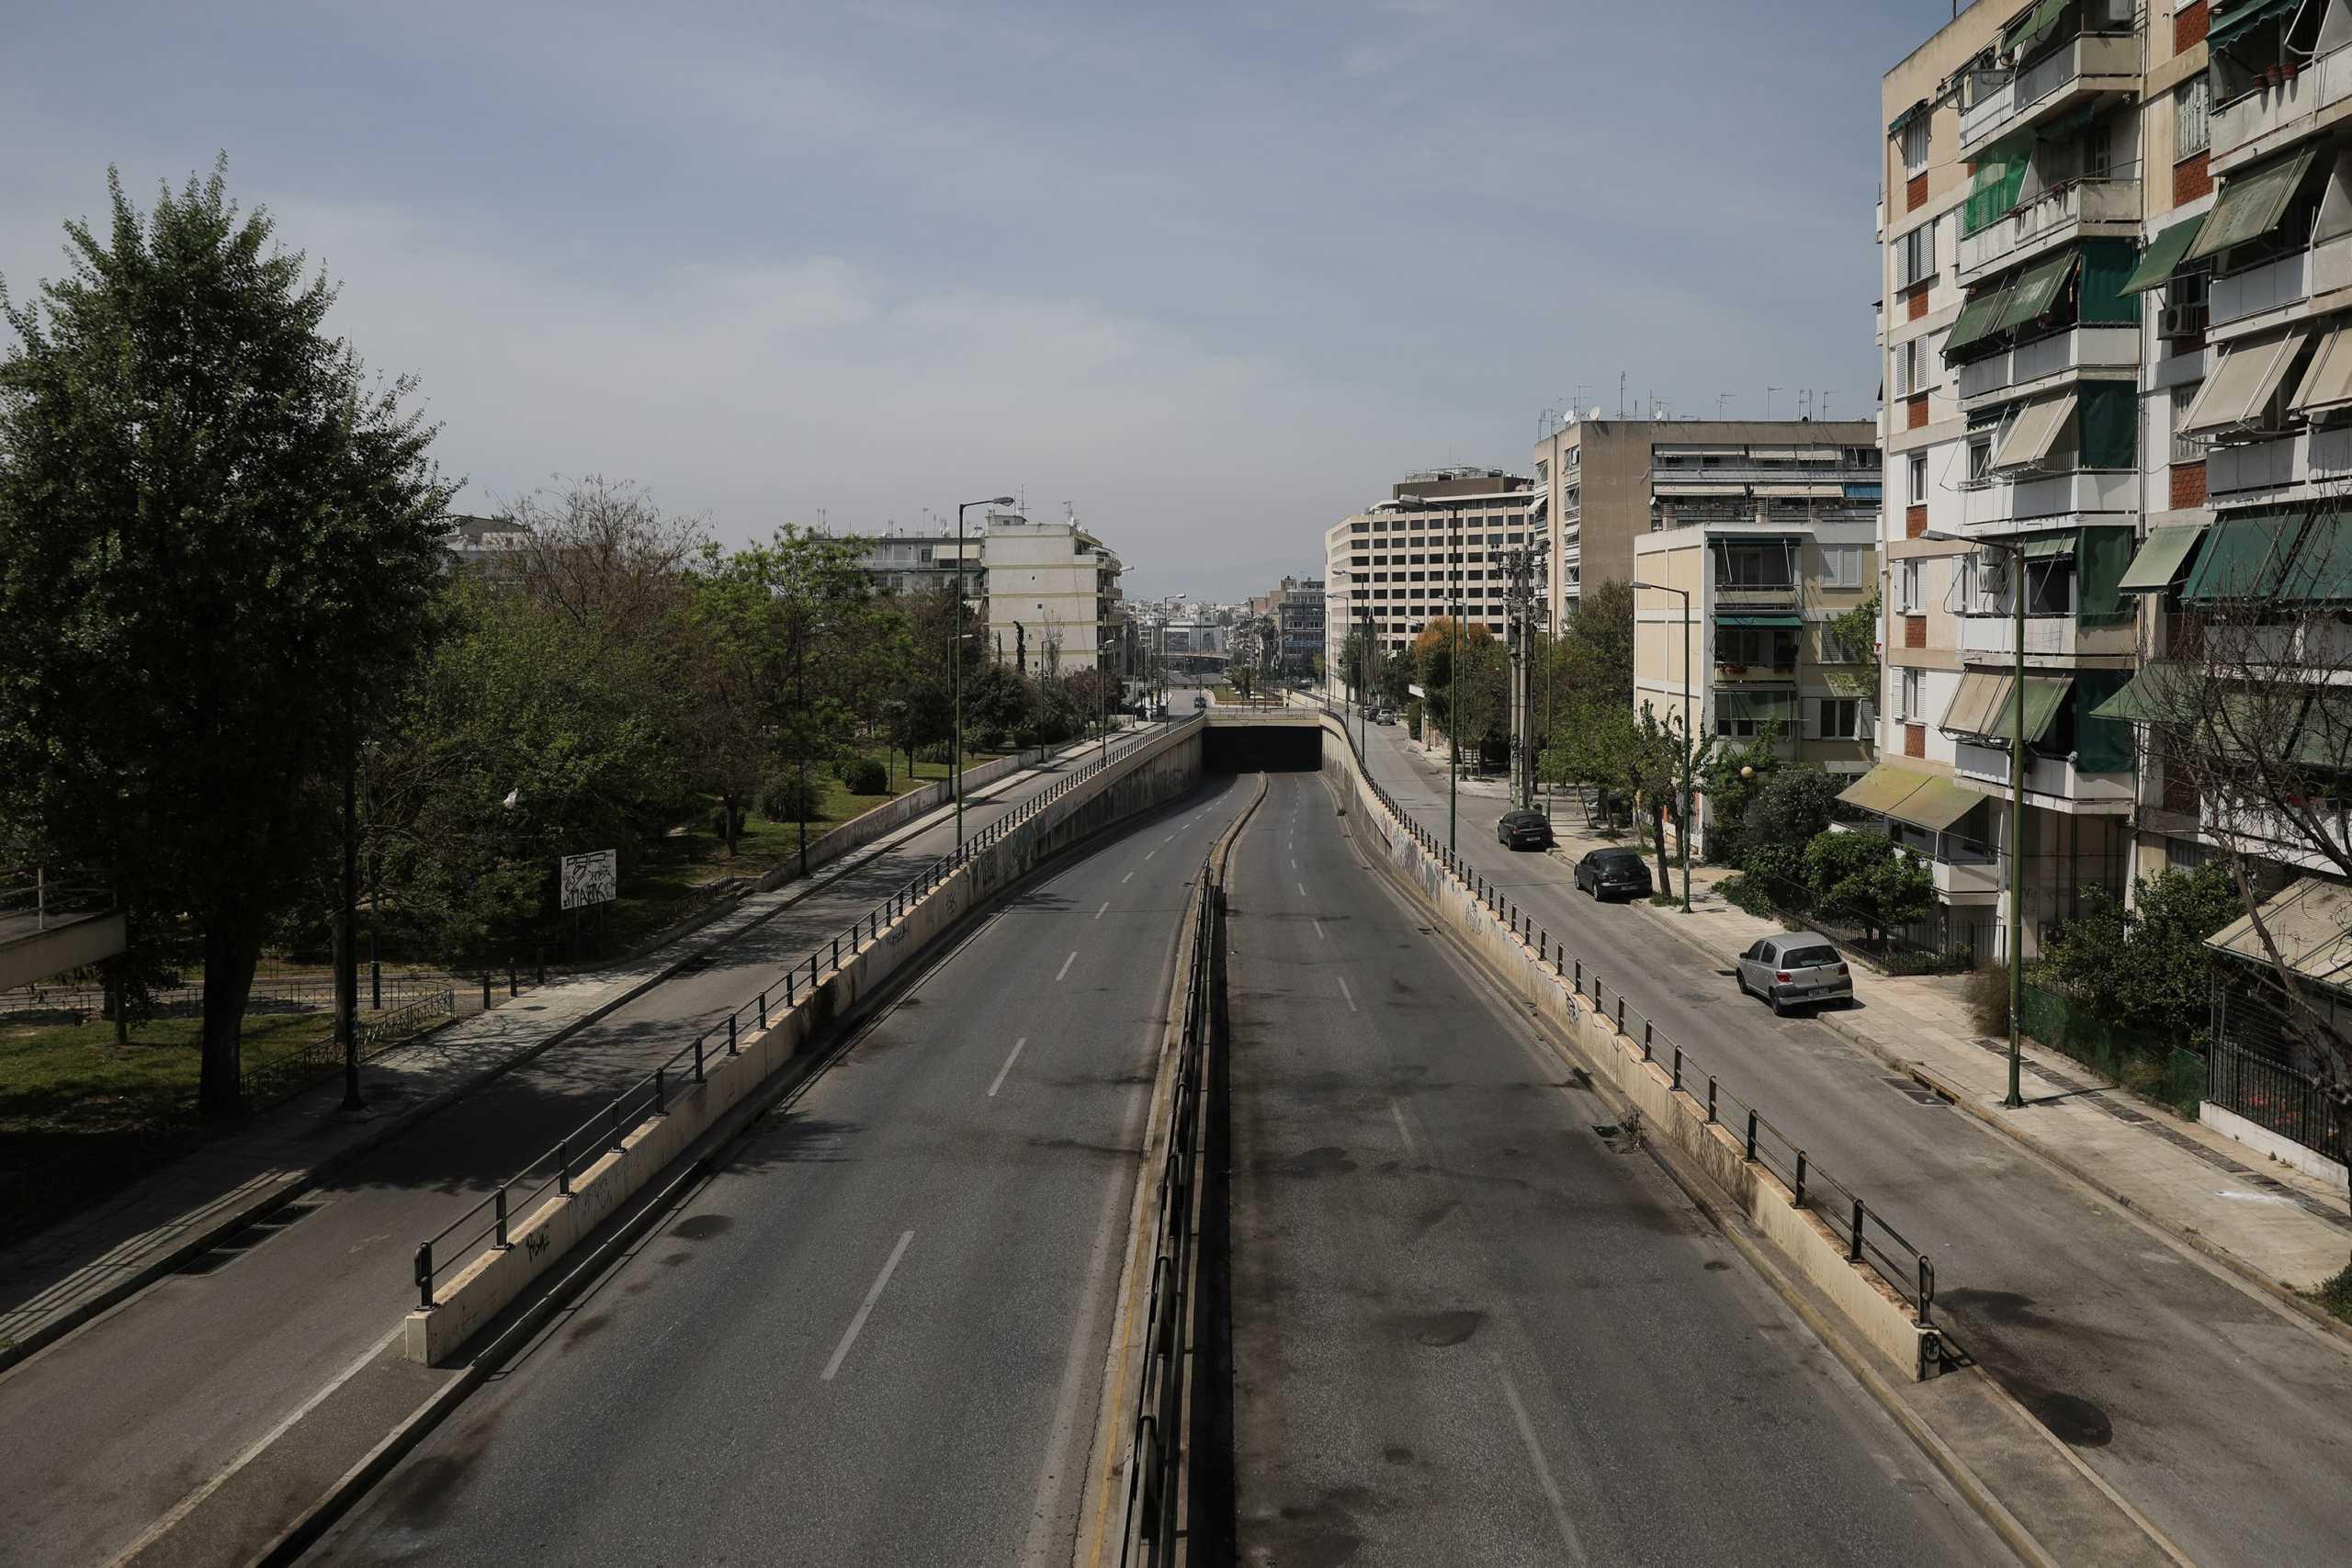 Κορονοϊός: Που θα υπάρξει απαγόρευση κυκλοφορίας από τις 00.30 έως τις 05.00 το πρωί